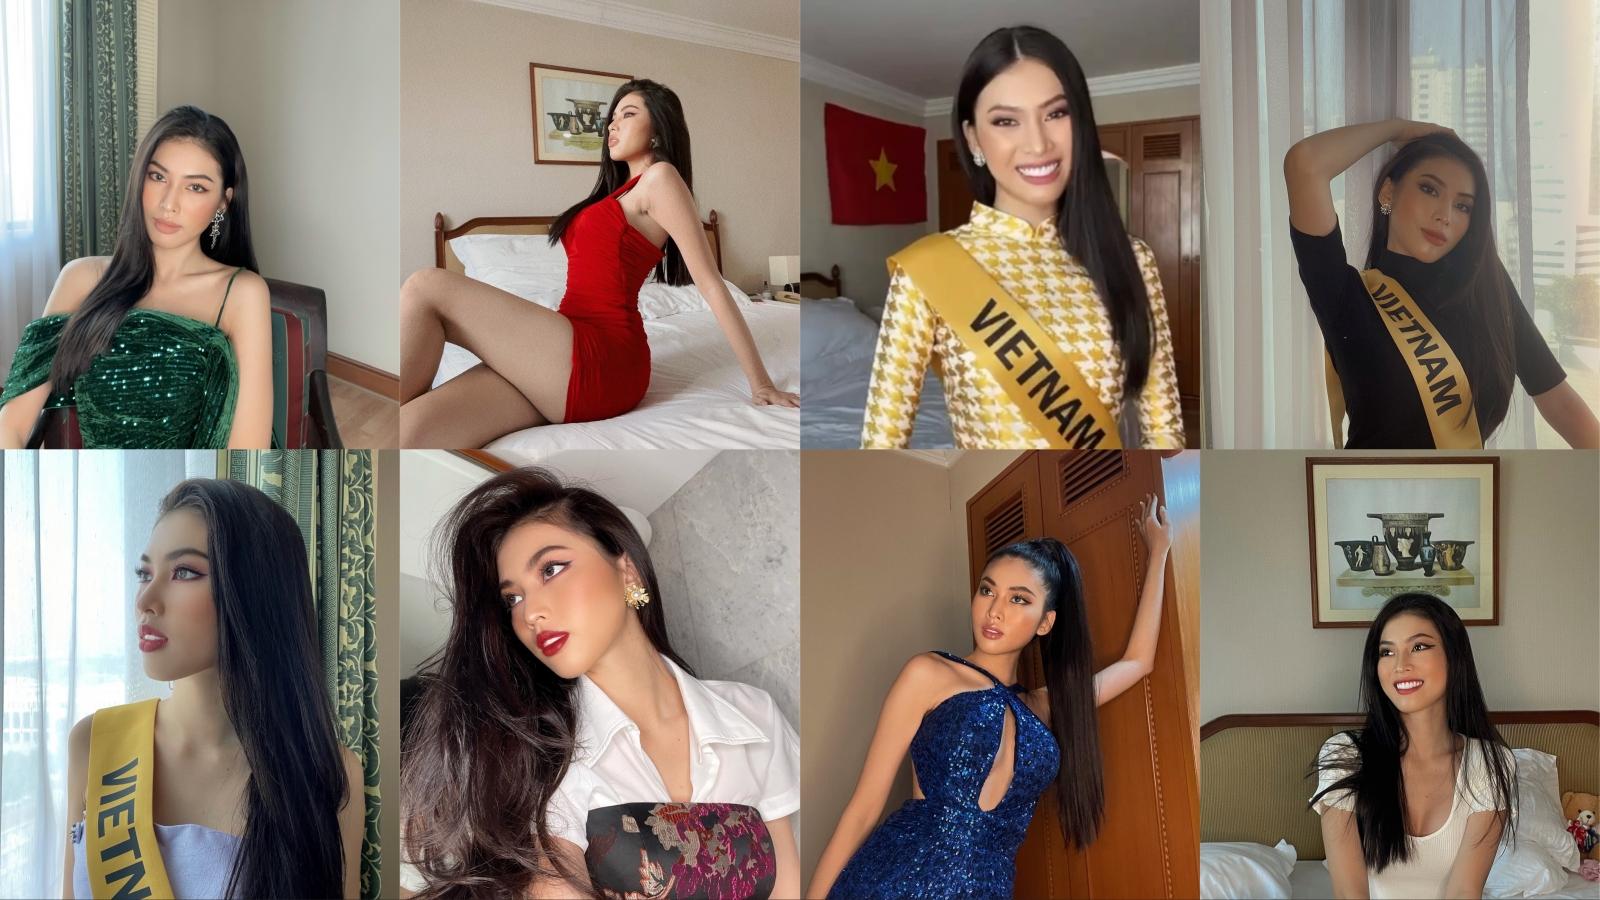 Á hậu Ngọc Thảo khoe bộ sưu tập thời trang cách ly khi tham dự Miss Grand International